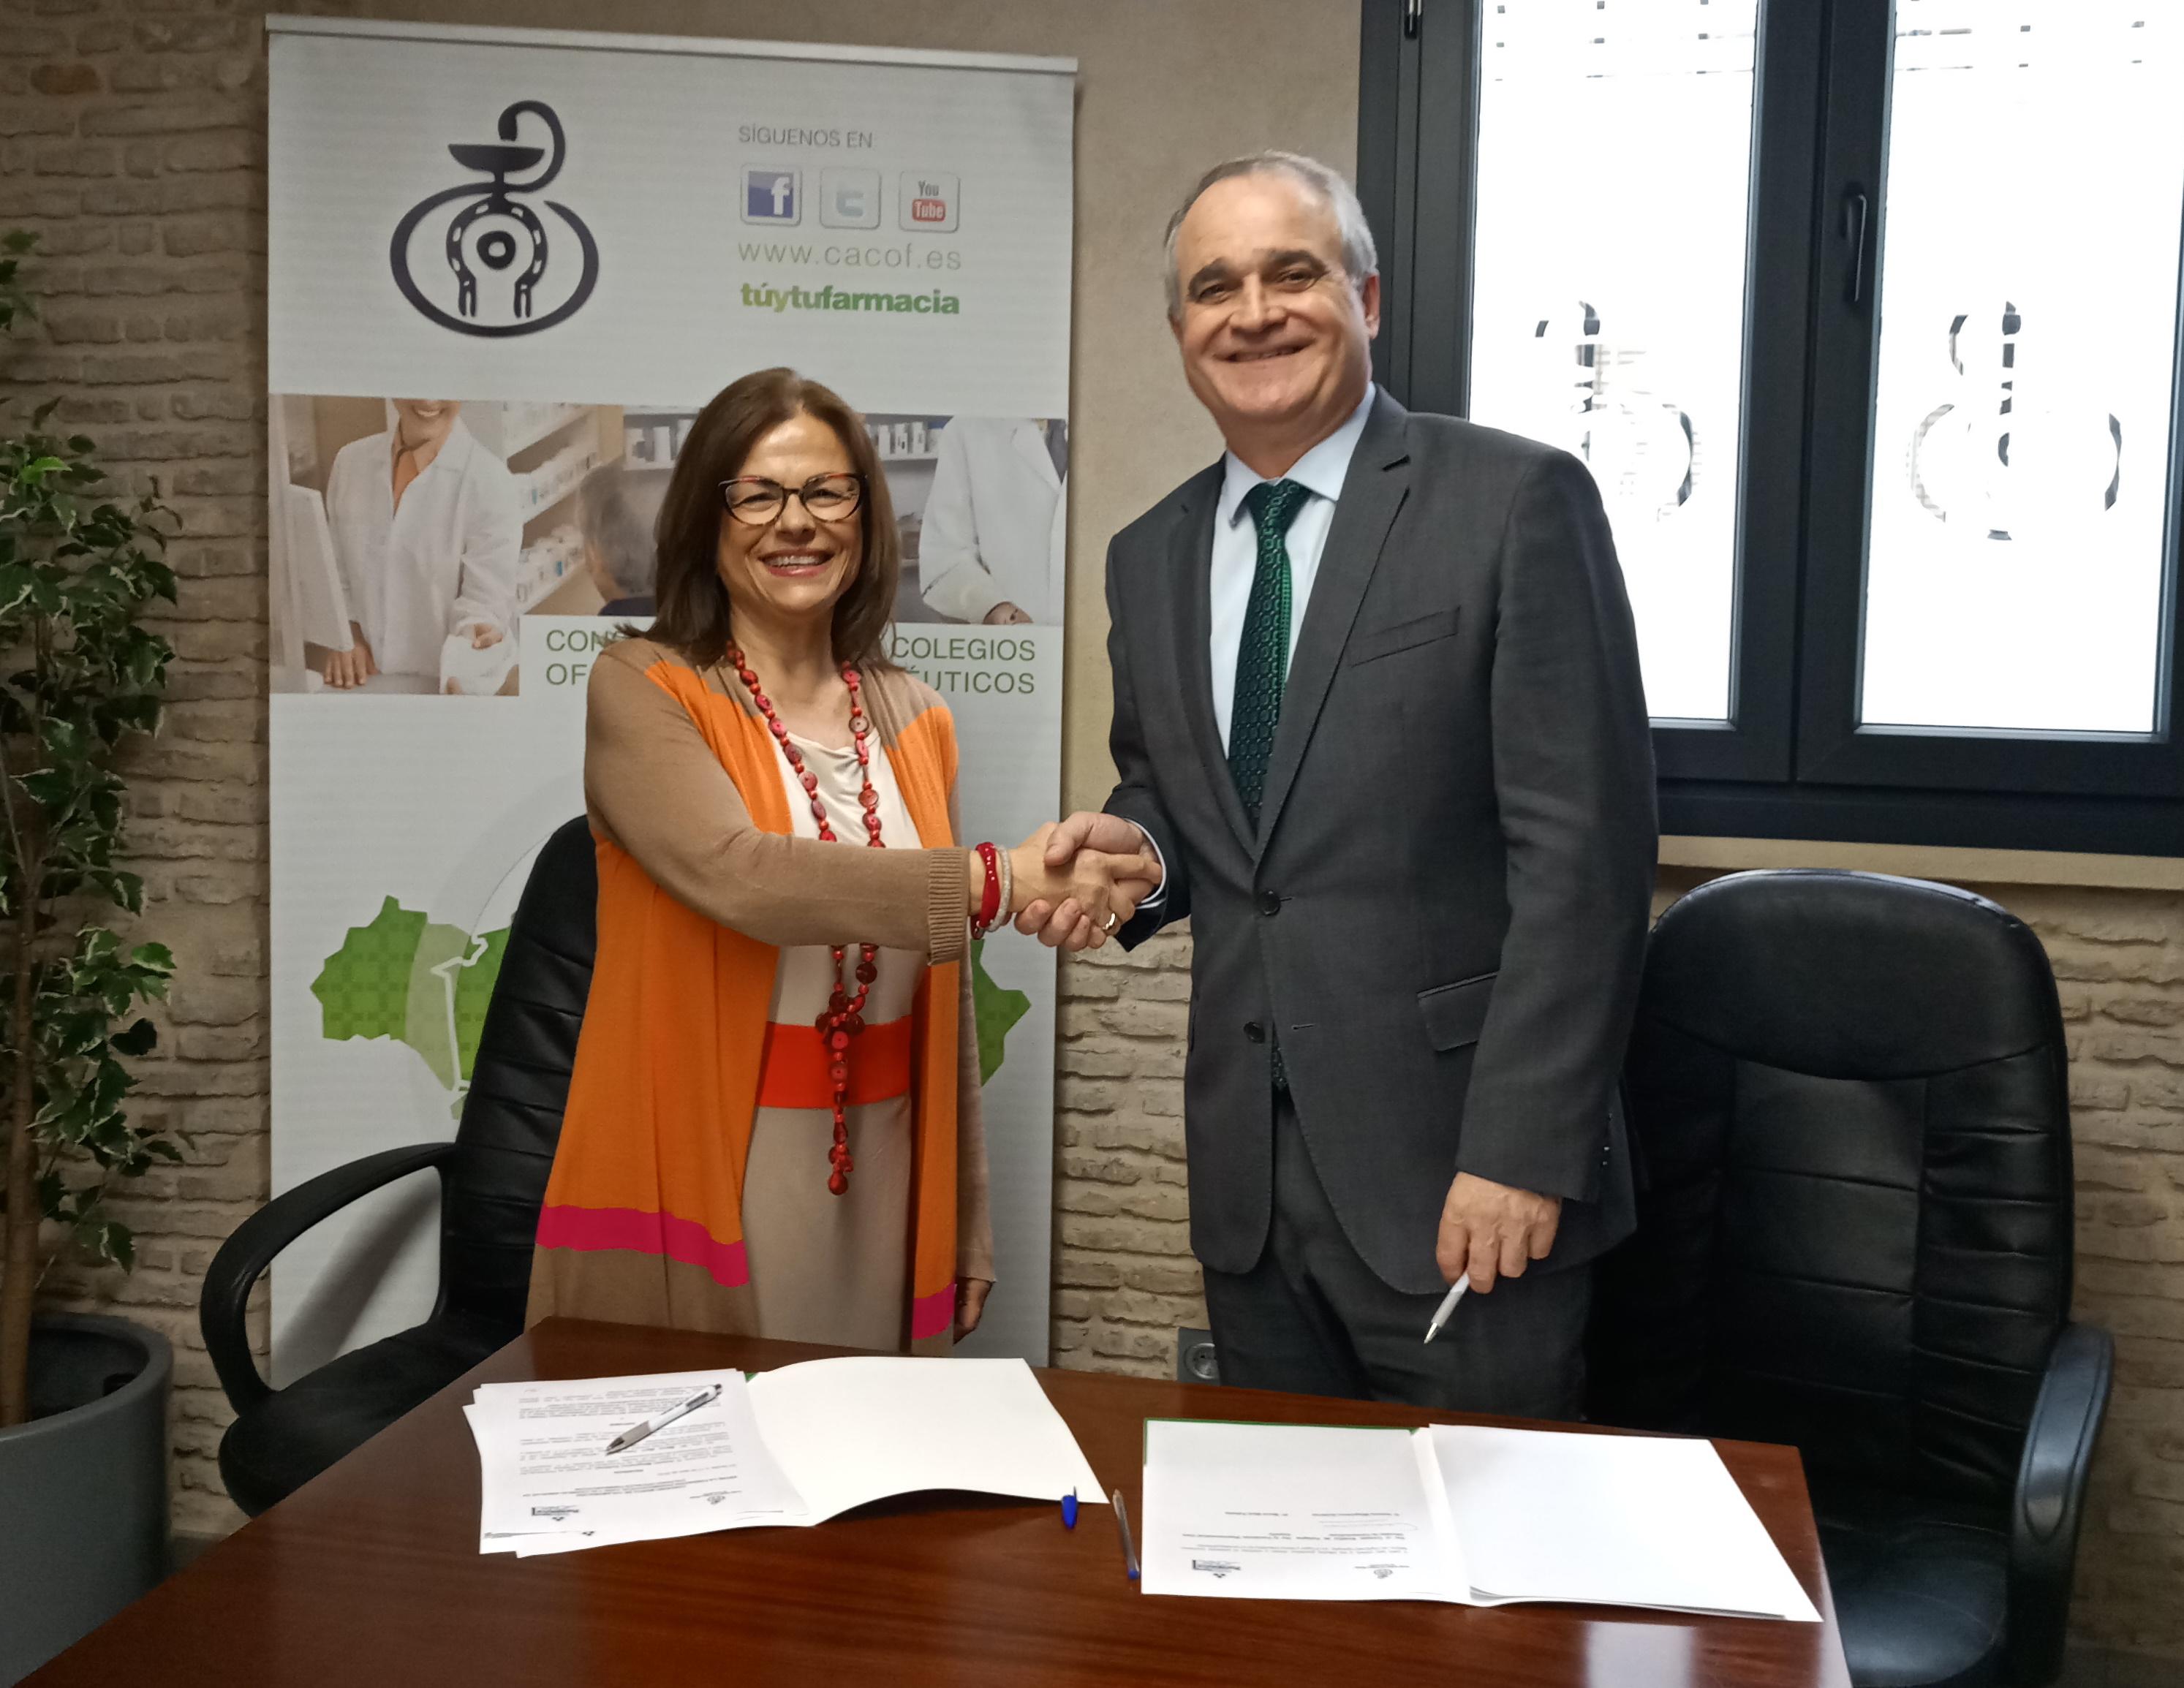 Andalucía acogerá en octubre el undécimo Congreso Nacional de Atención Farmacéutica